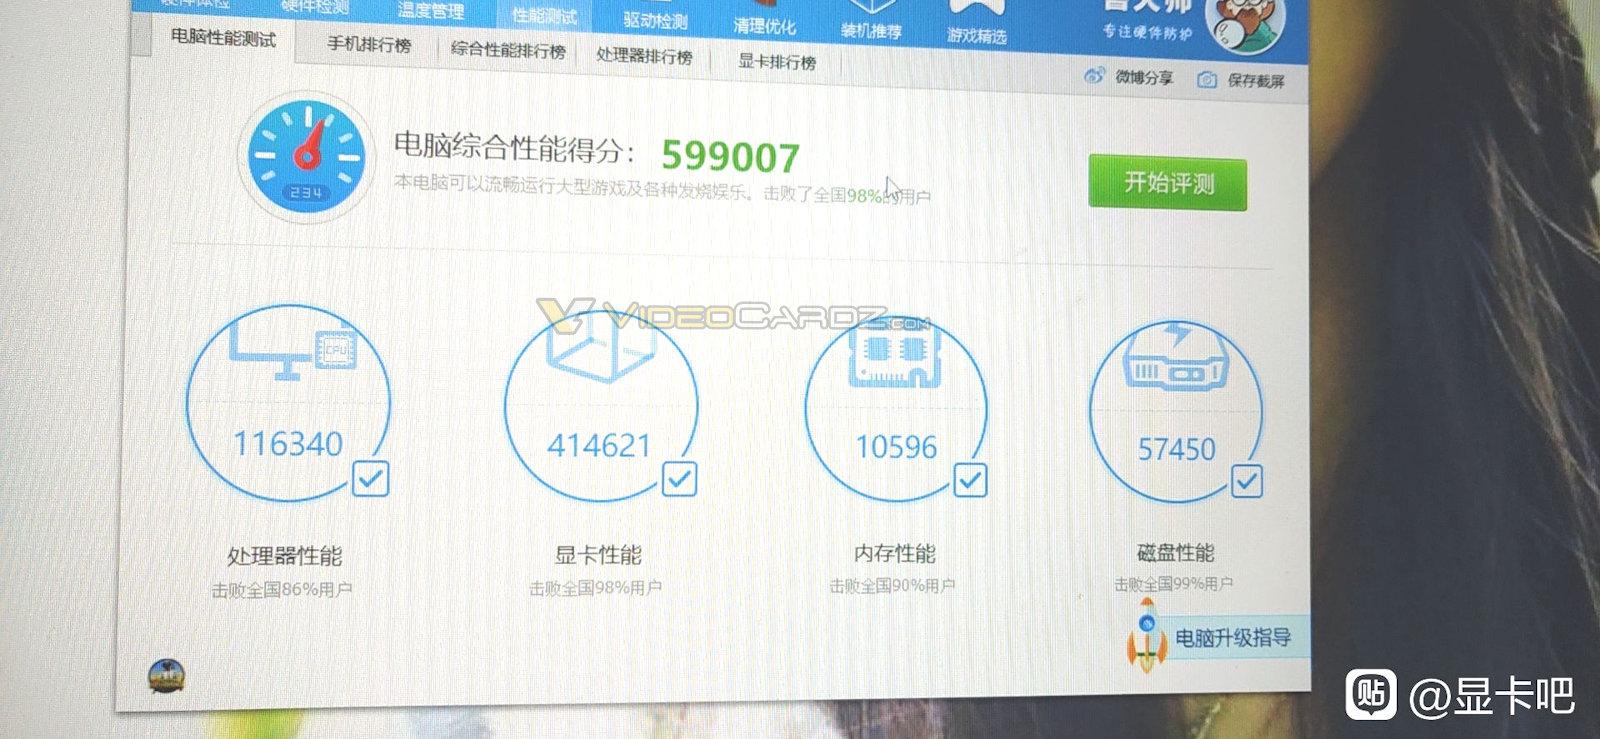 Одна из версий AMD Radeon RX 6600 XT замечена в Китае